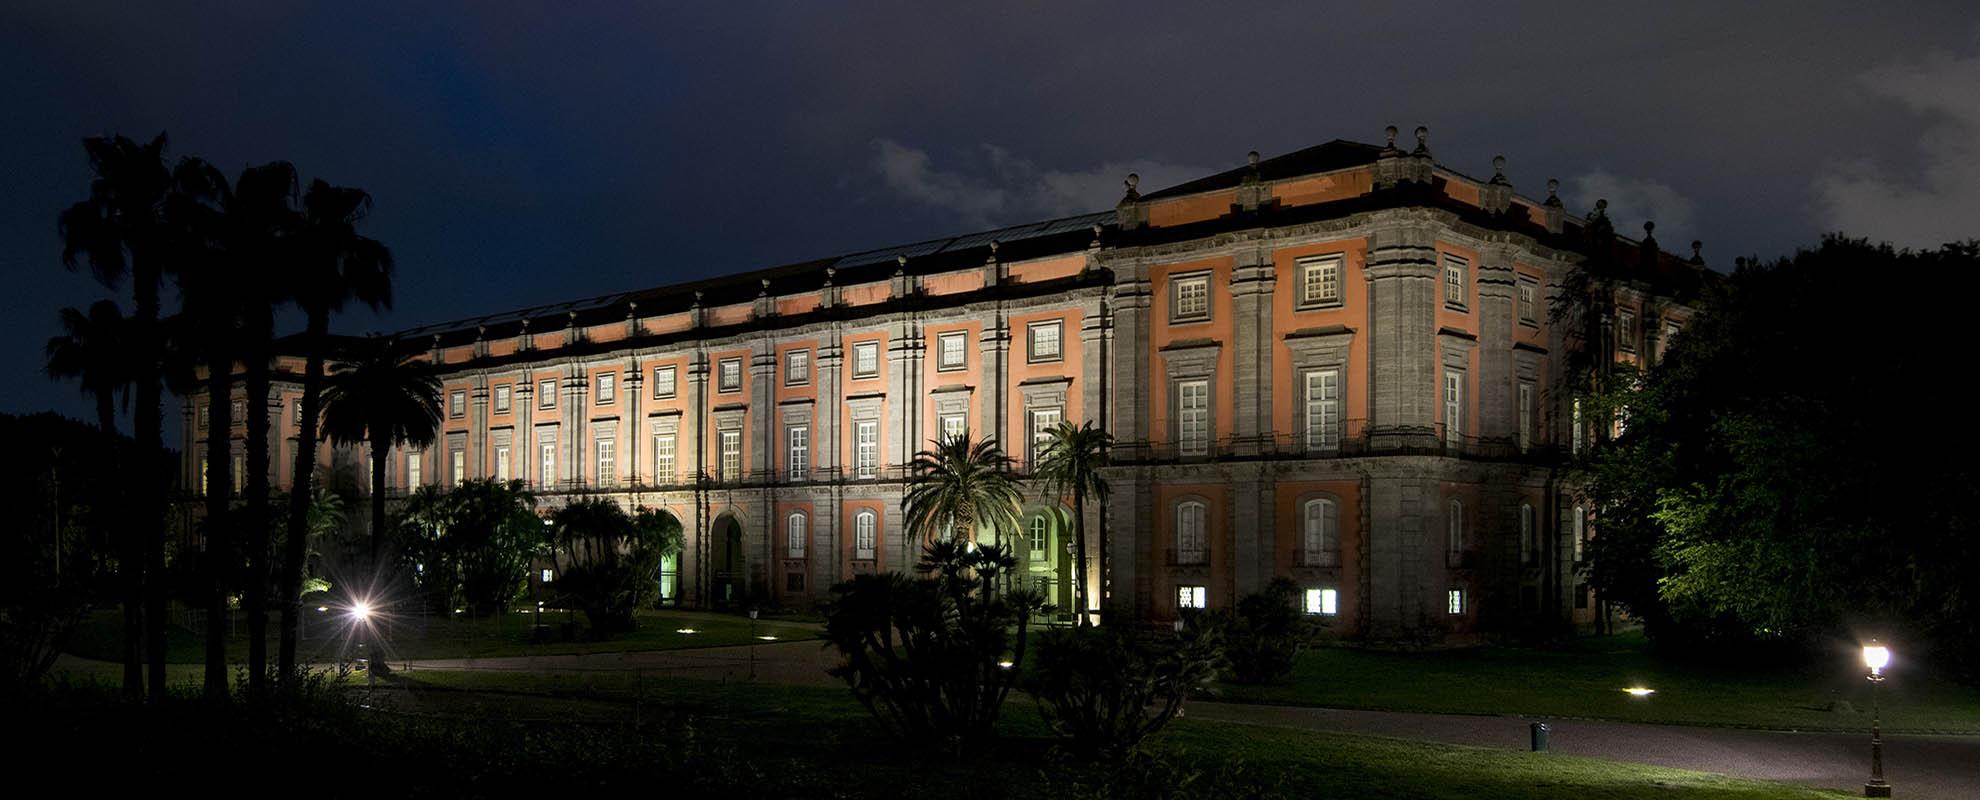 Museo in notturna, foto Alessio Cuccaro